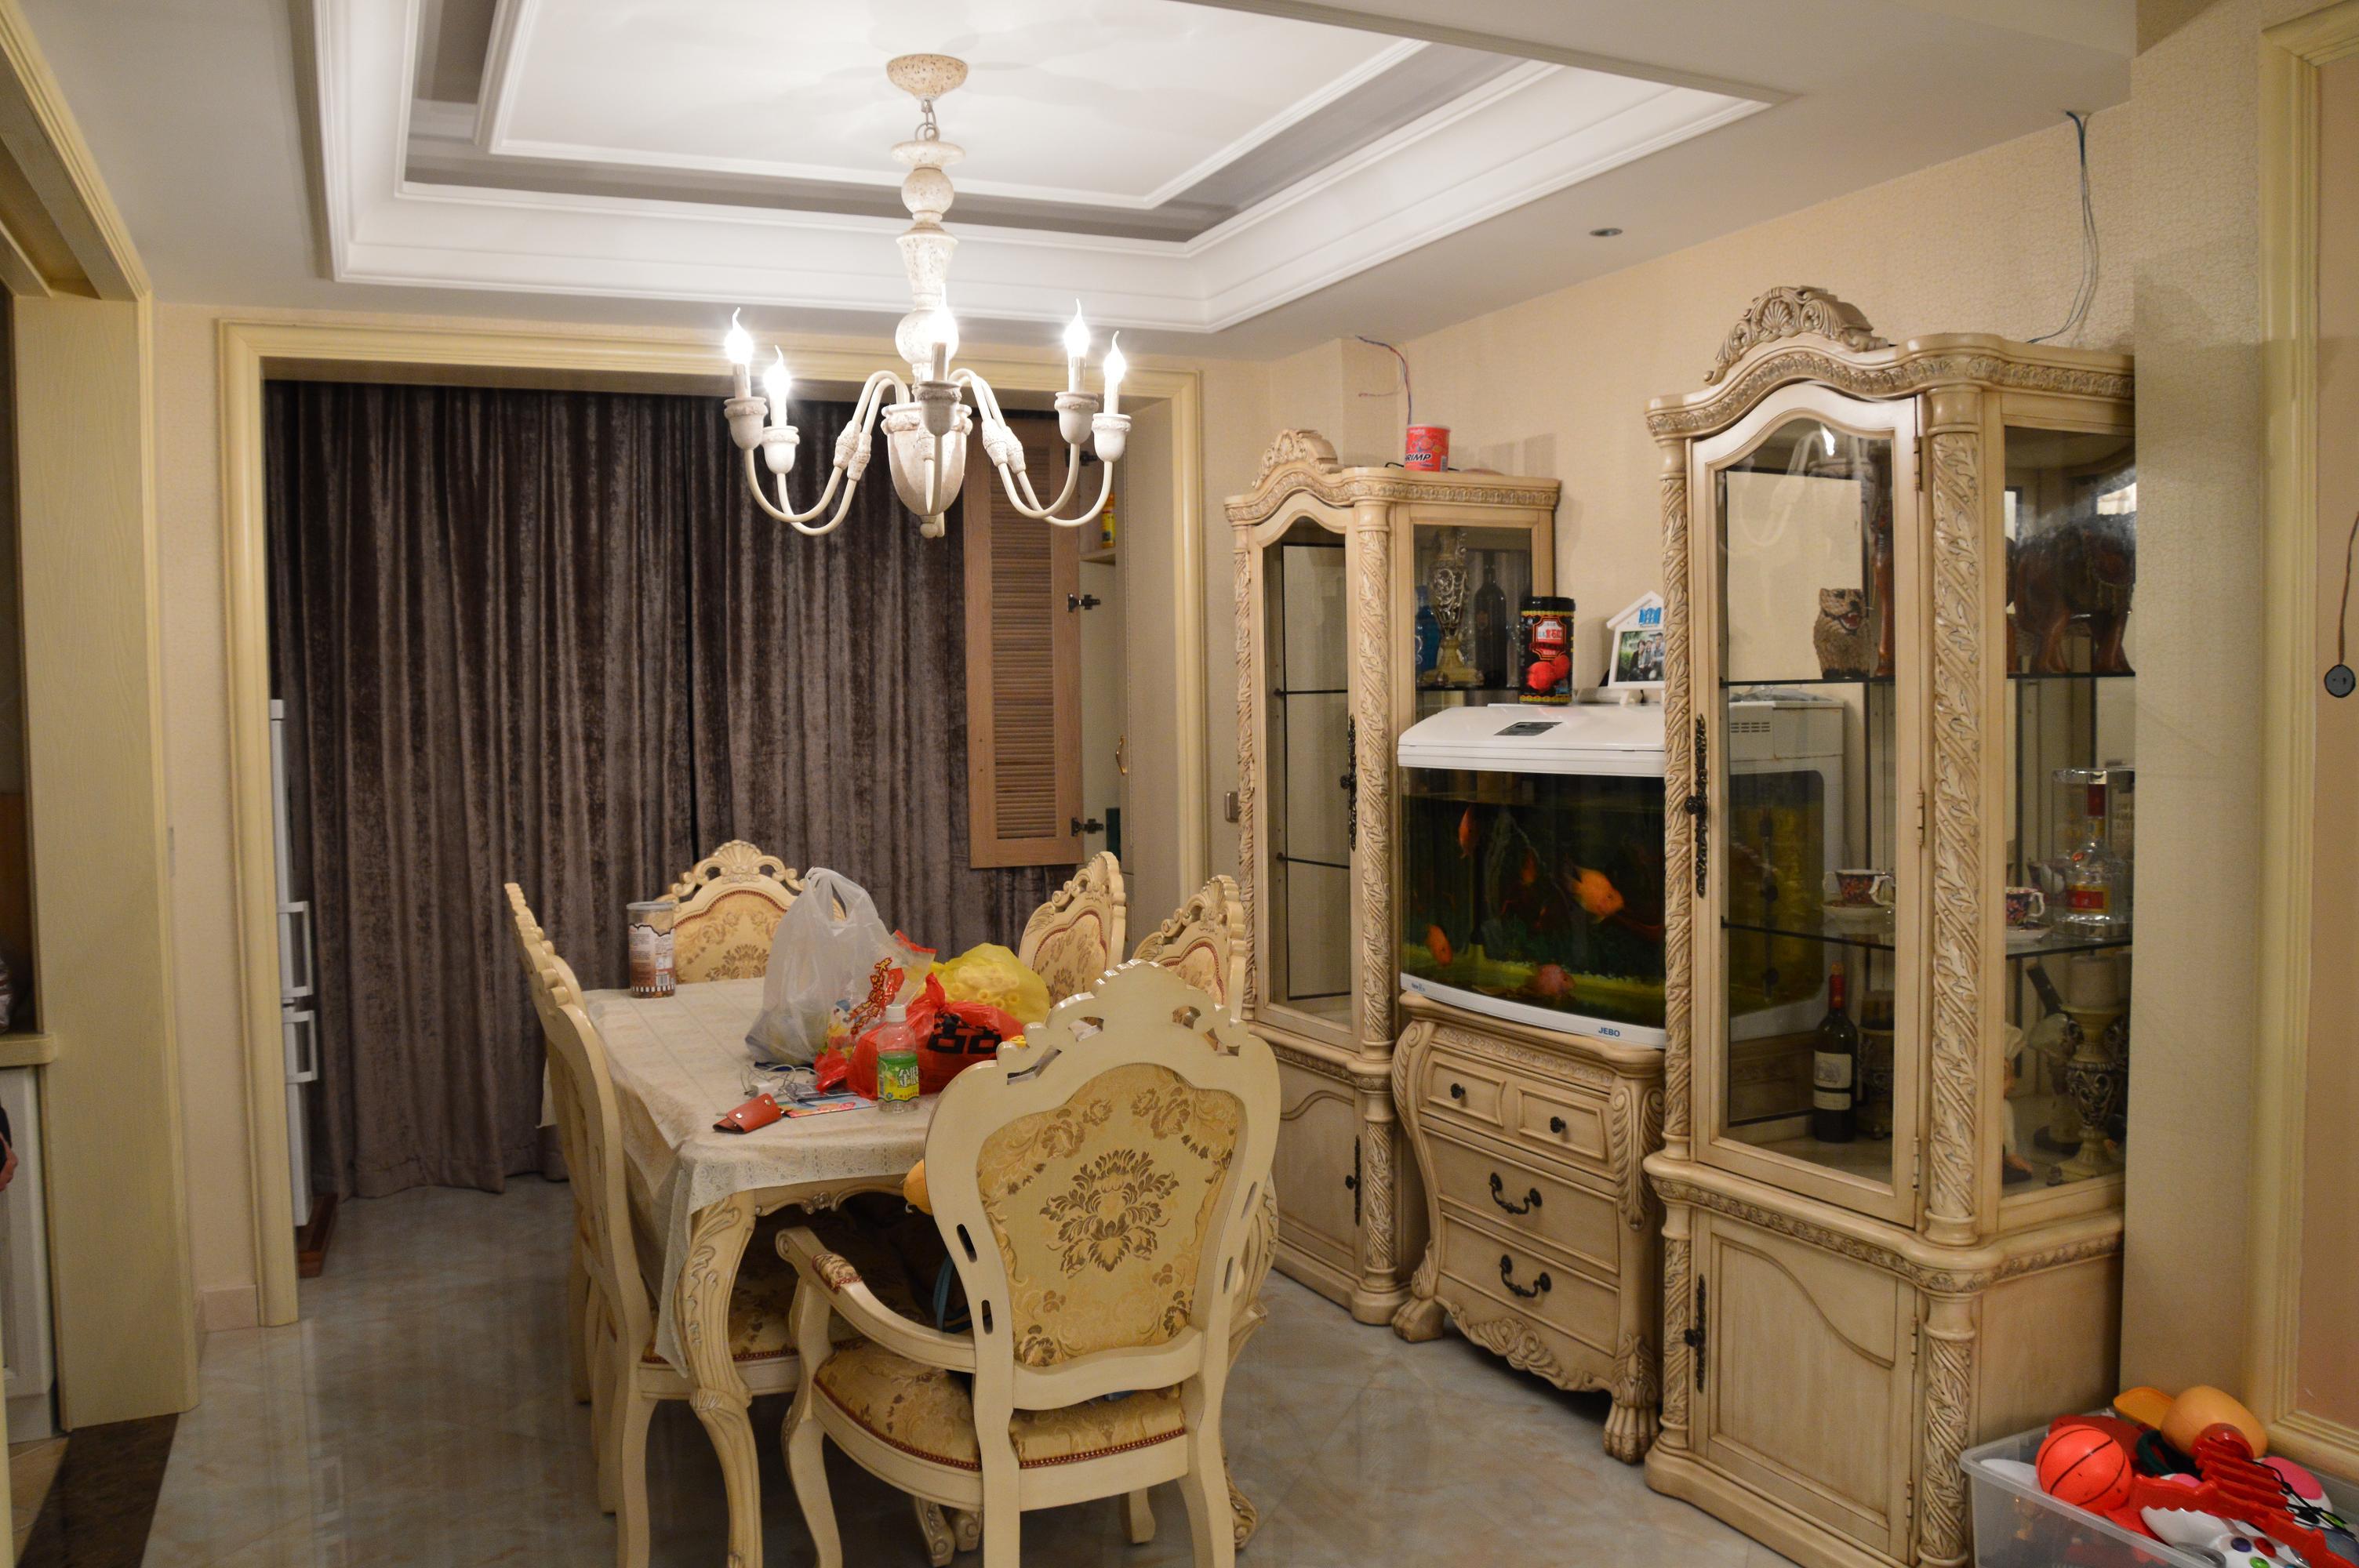 家居图库 欧式田园风格小户型客厅装修效果图片 > 第4张